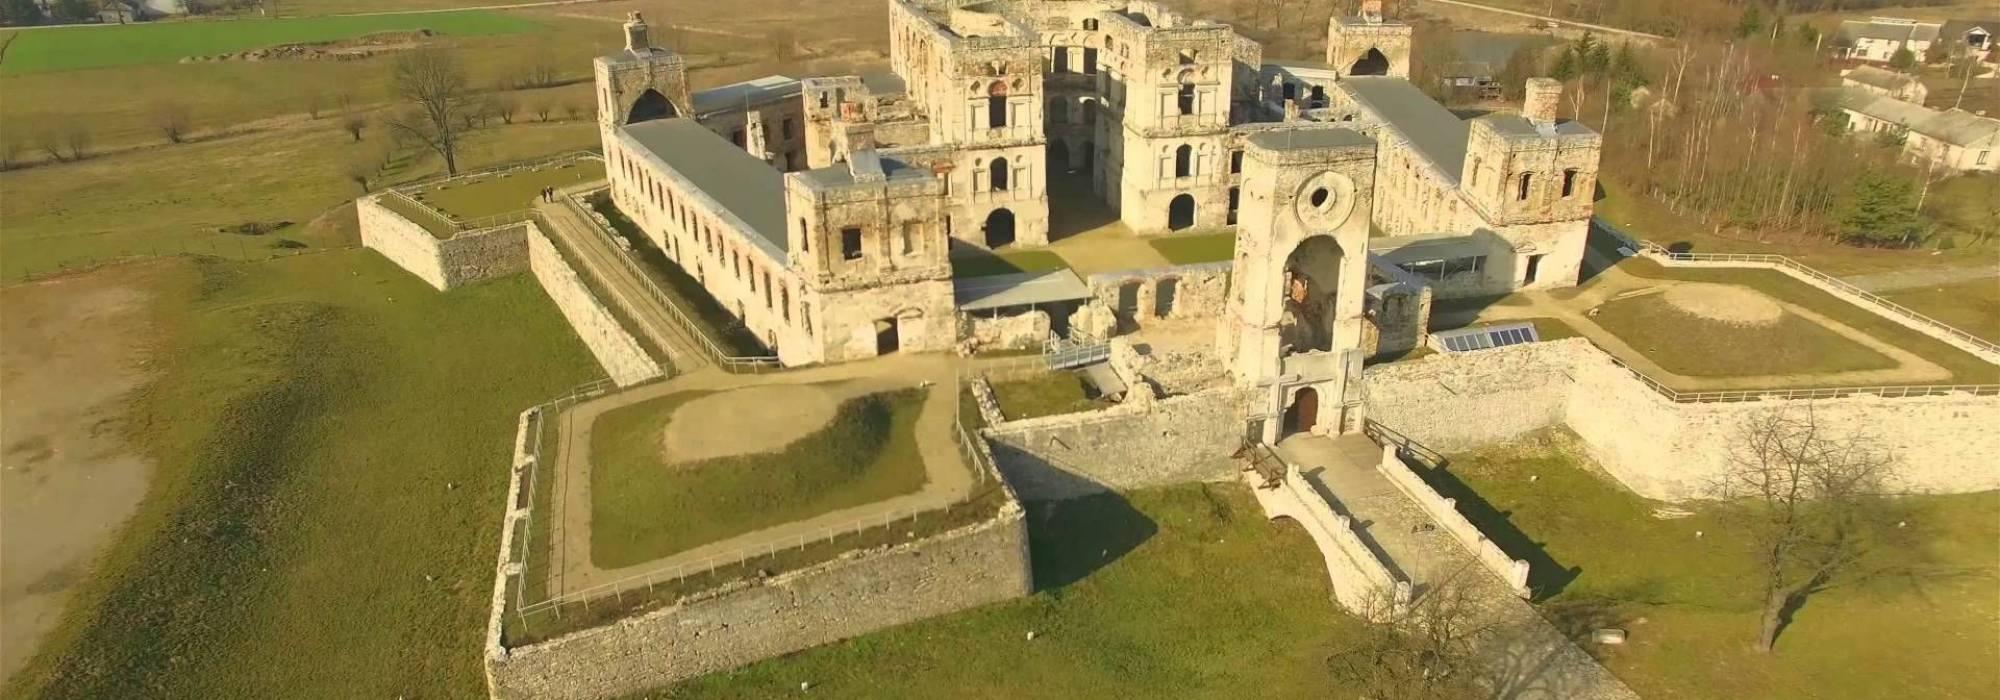 Voivodato Della Slesia Polonia castello di krzyżtopór in polonia - voivodato della santacroce